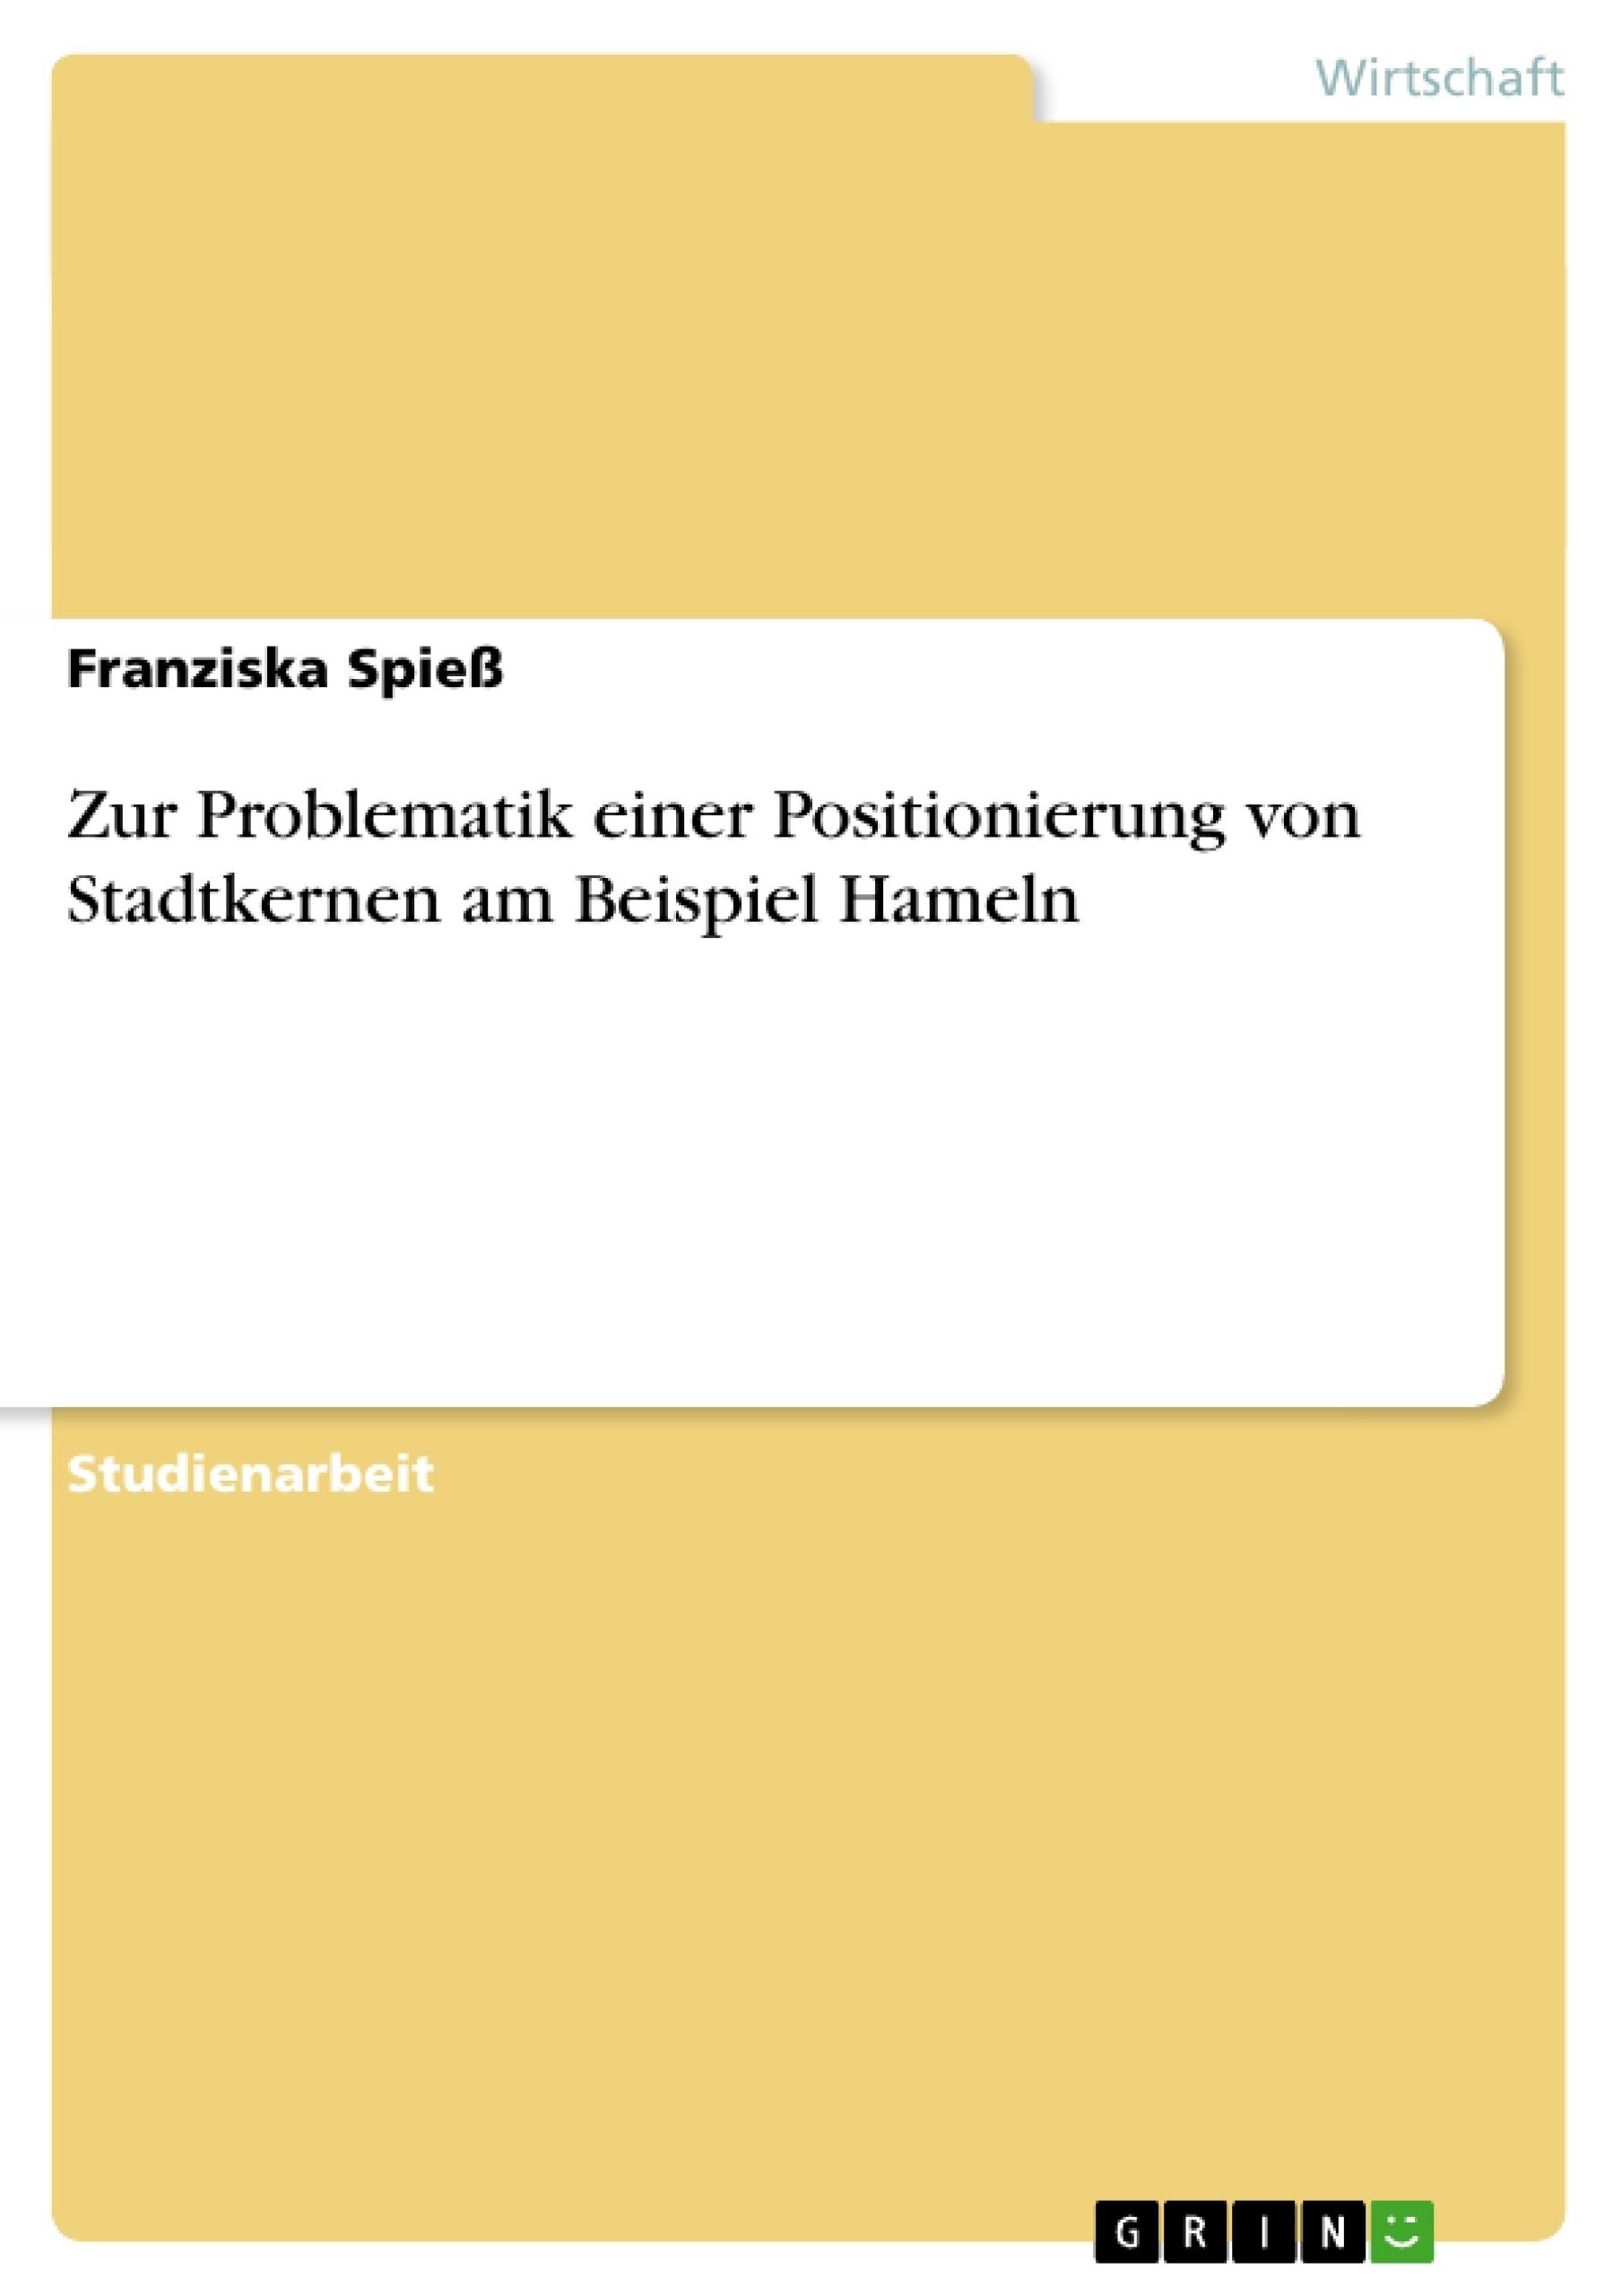 Titel: Zur Problematik einer Positionierung von Stadtkernen am Beispiel Hameln